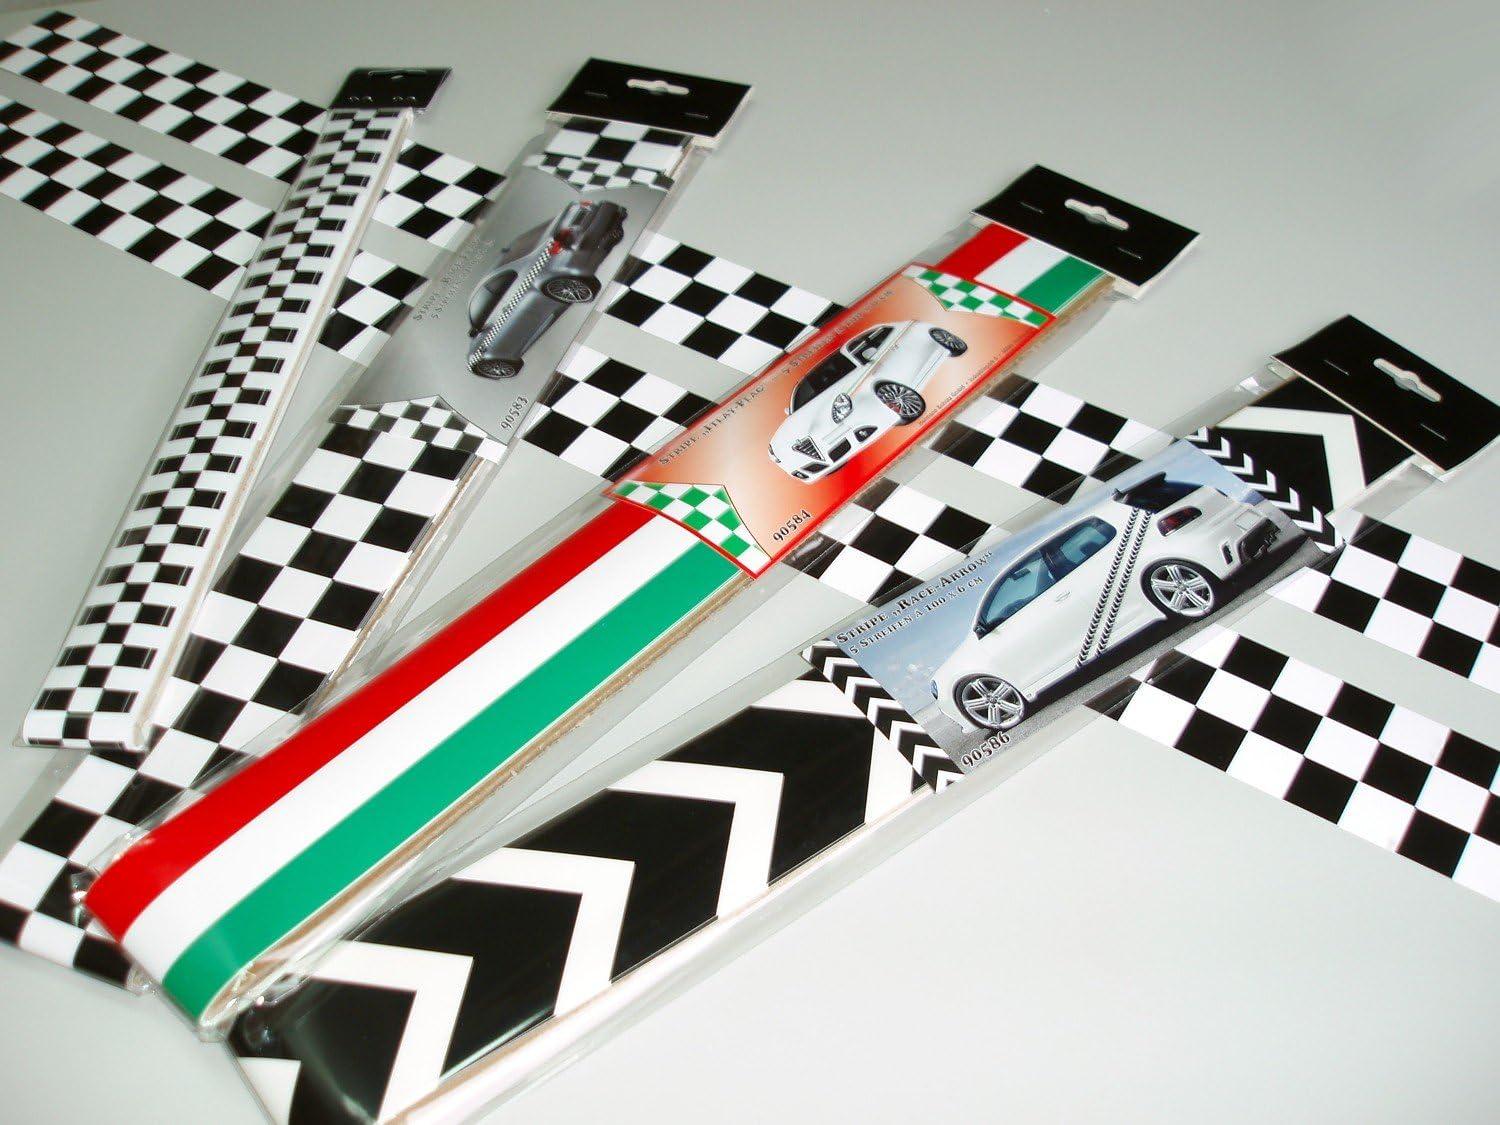 Carstyling Xxl Race Flag Stripe Streifen 5 M X 30 Mm Schneller Versand Innerhalb 24 Stunden Auto